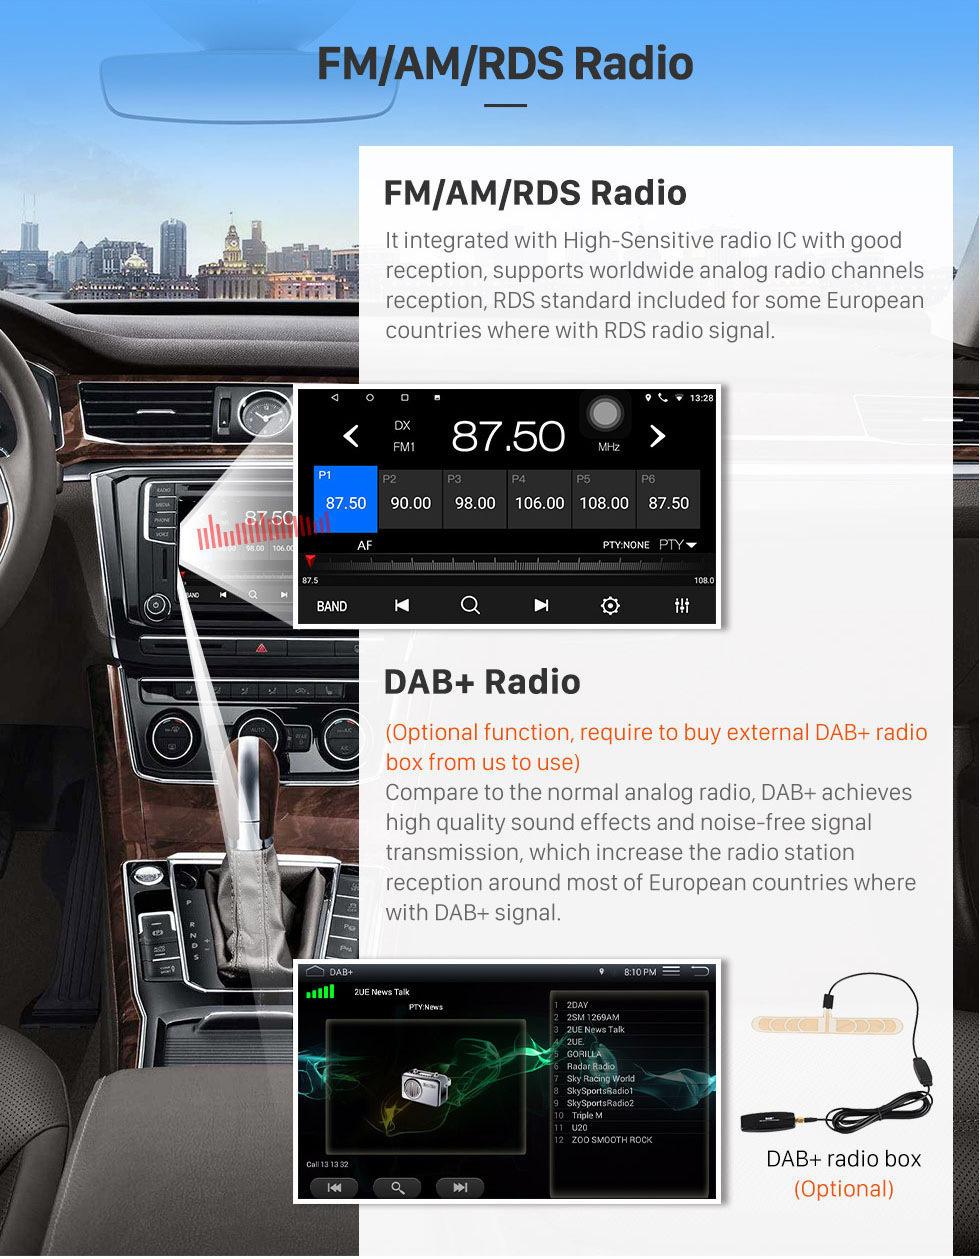 Seicane Android 8.1 10.1 дюймовый HD 1024 * 600 Автомобильный радиоприемник с сенсорным экраном на 2015 2016 2017 SKODA Octavia (UV) GPS-навигатор Bluetooth WIFI Поддержка зеркального соединения USB DVR OBD2 Управление камерой с рулевым управлением